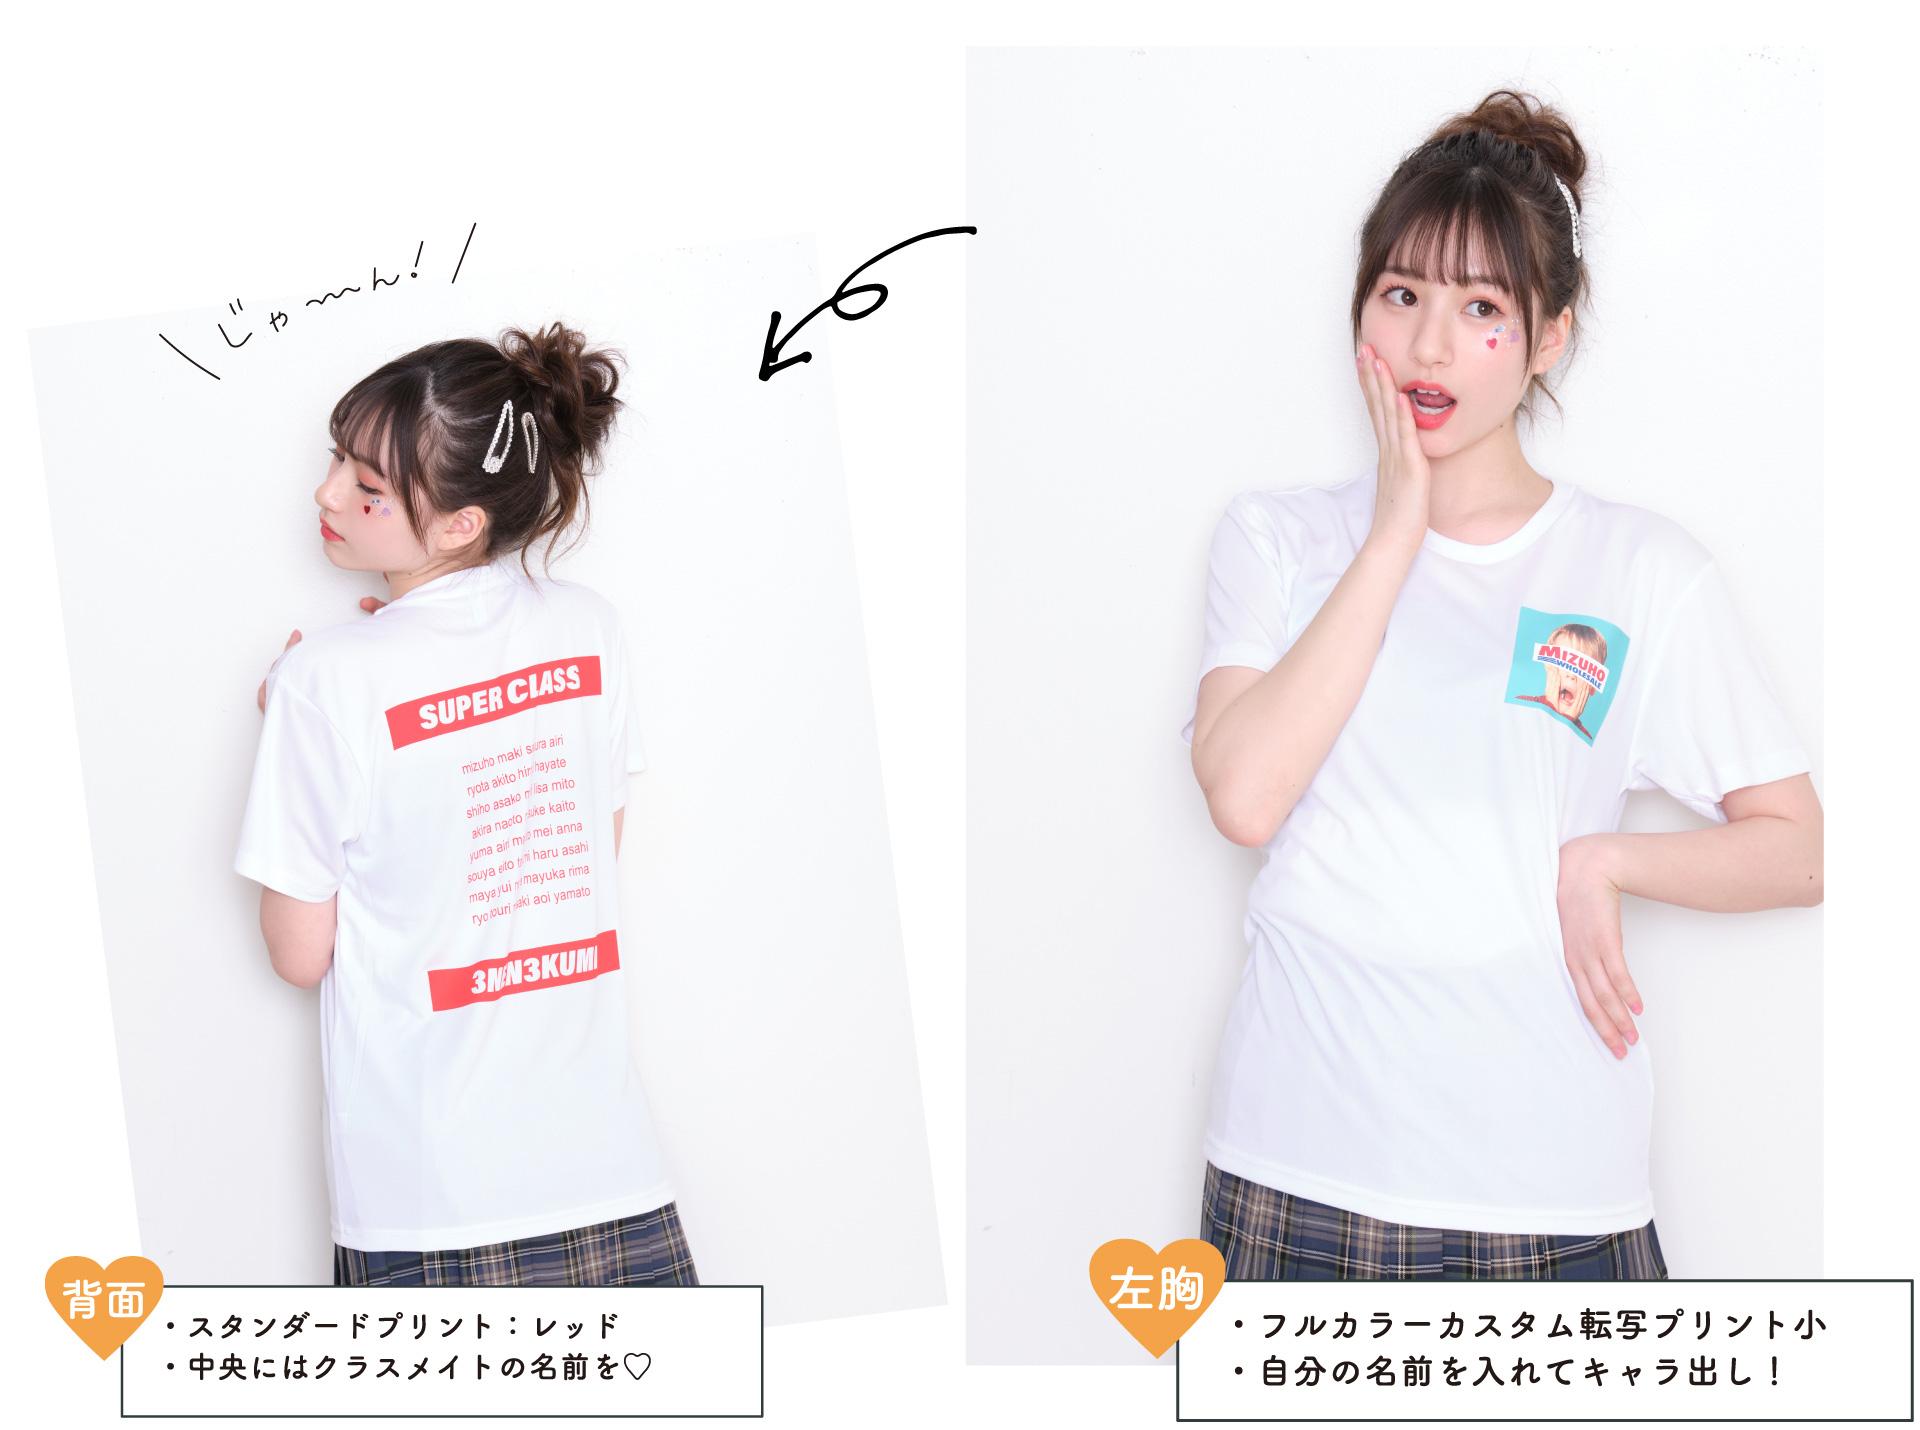 瑞帆ちゃんクラスTシャツ着用